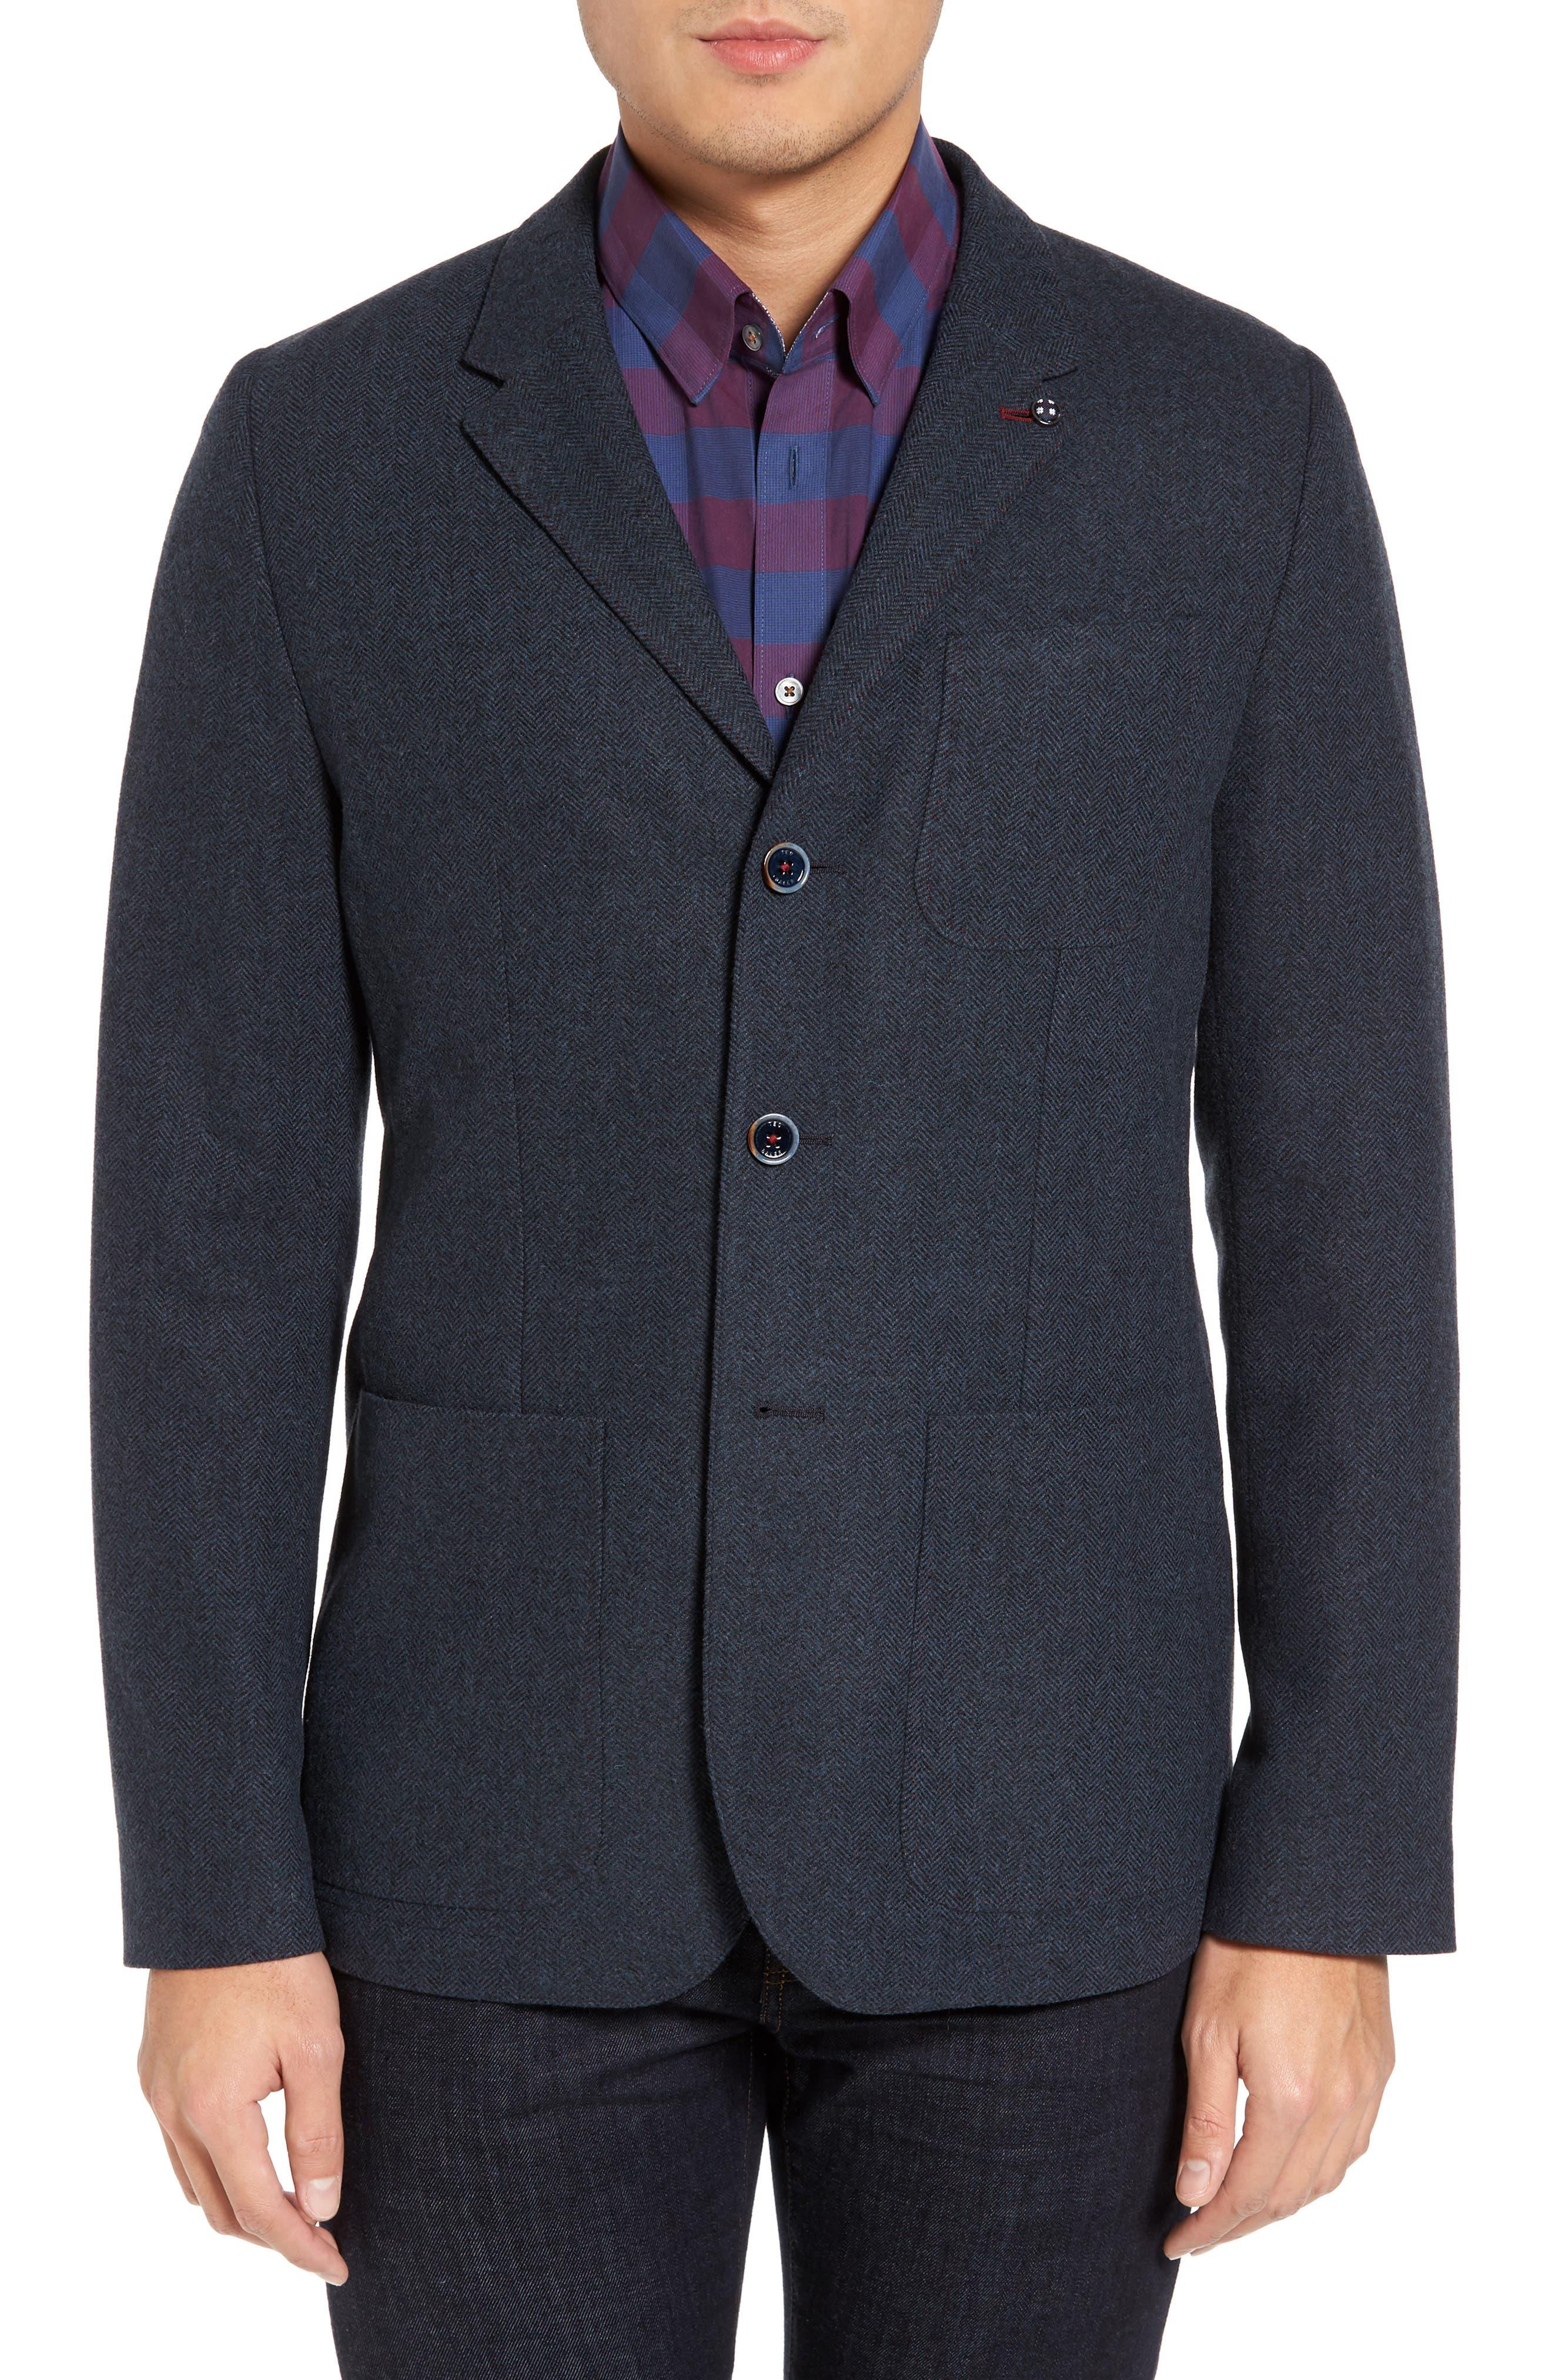 Porter Herringbone Wool Blend Jacket, Main, color, 410